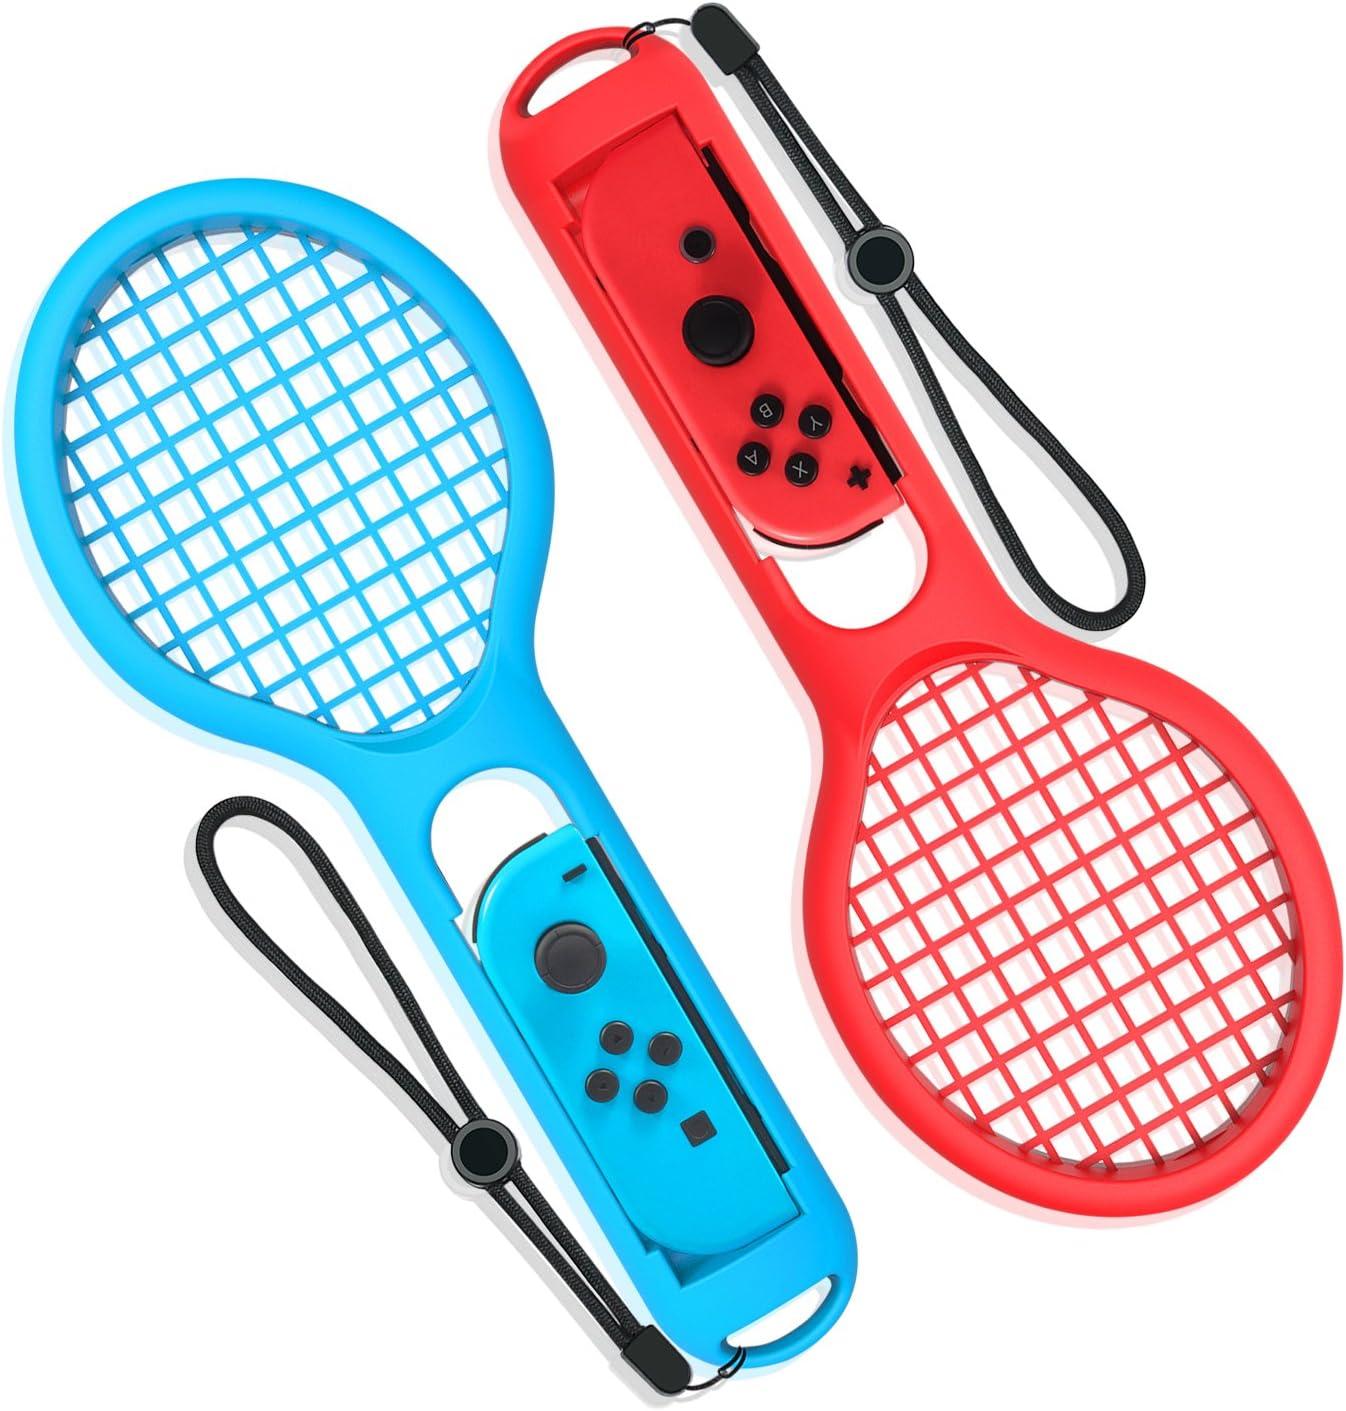 Raqueta de Tenis Joy con para Nintendo Switch: Amazon.es: Electrónica